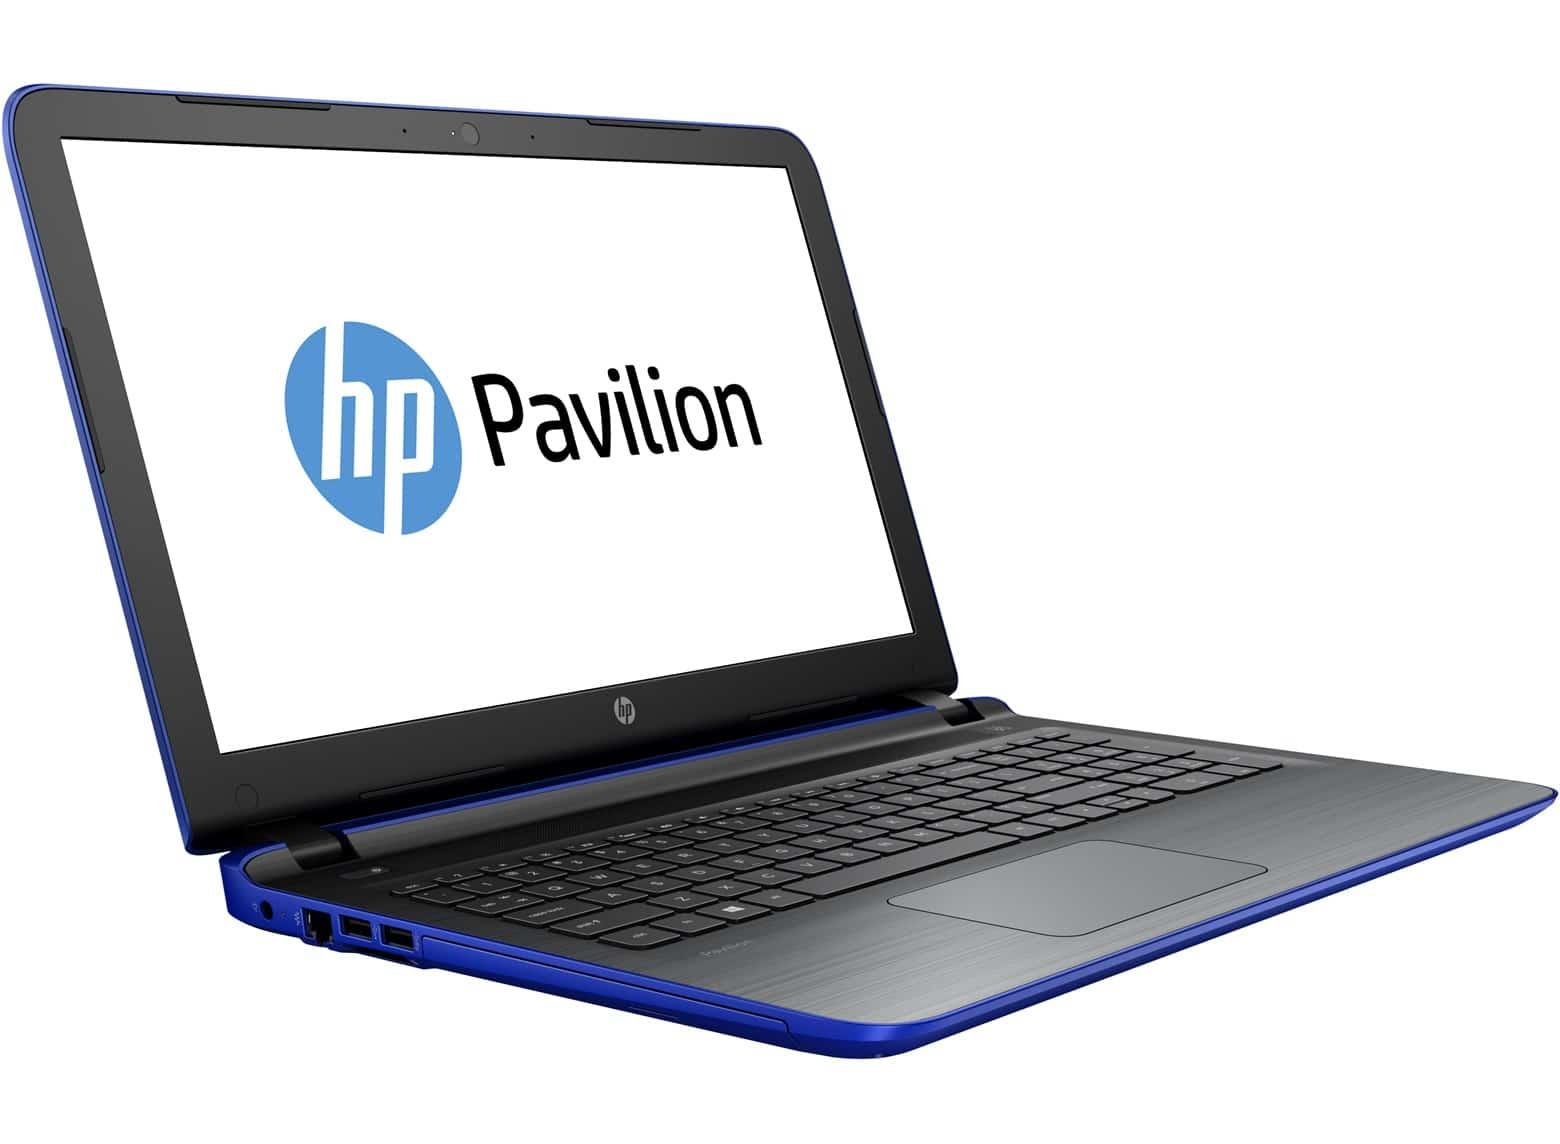 HP Pavilion 15-ab020nf à 579€ (-100€), PC portable 15 pouces bleu